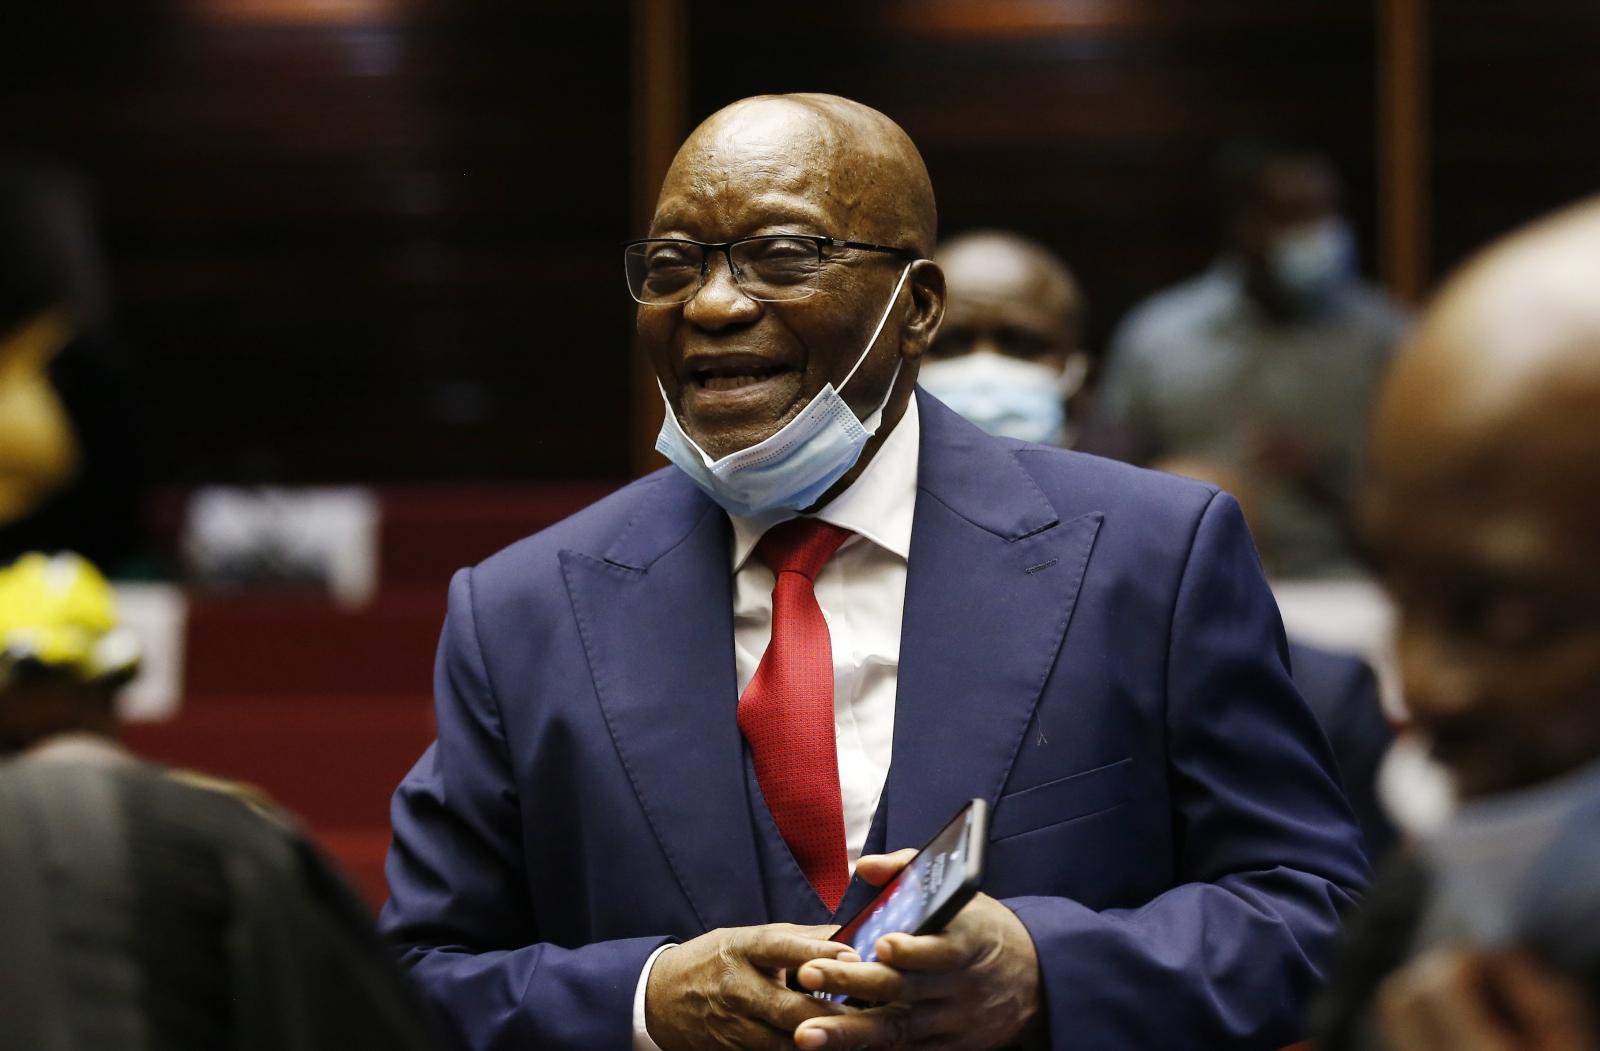 Eski Güney Afrika Cumhurbaşkanı Zuma'ya 15 Ay Hapis Cezası